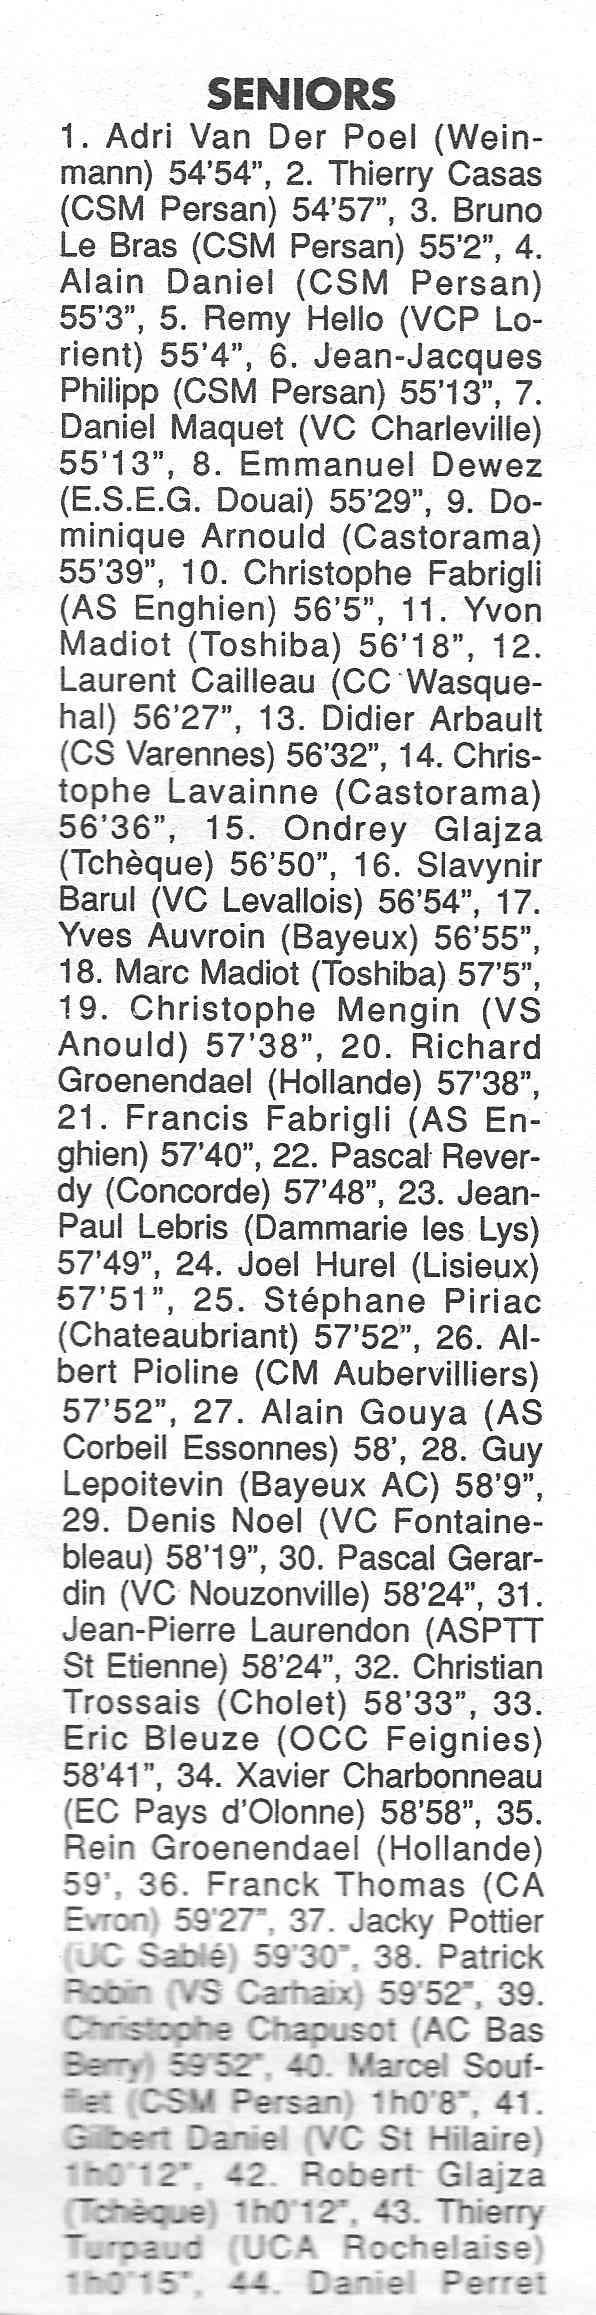 CSM.Persan. BIC. Toute une époque de janvier 1990 à novembre 2007 - Page 4 1991_014